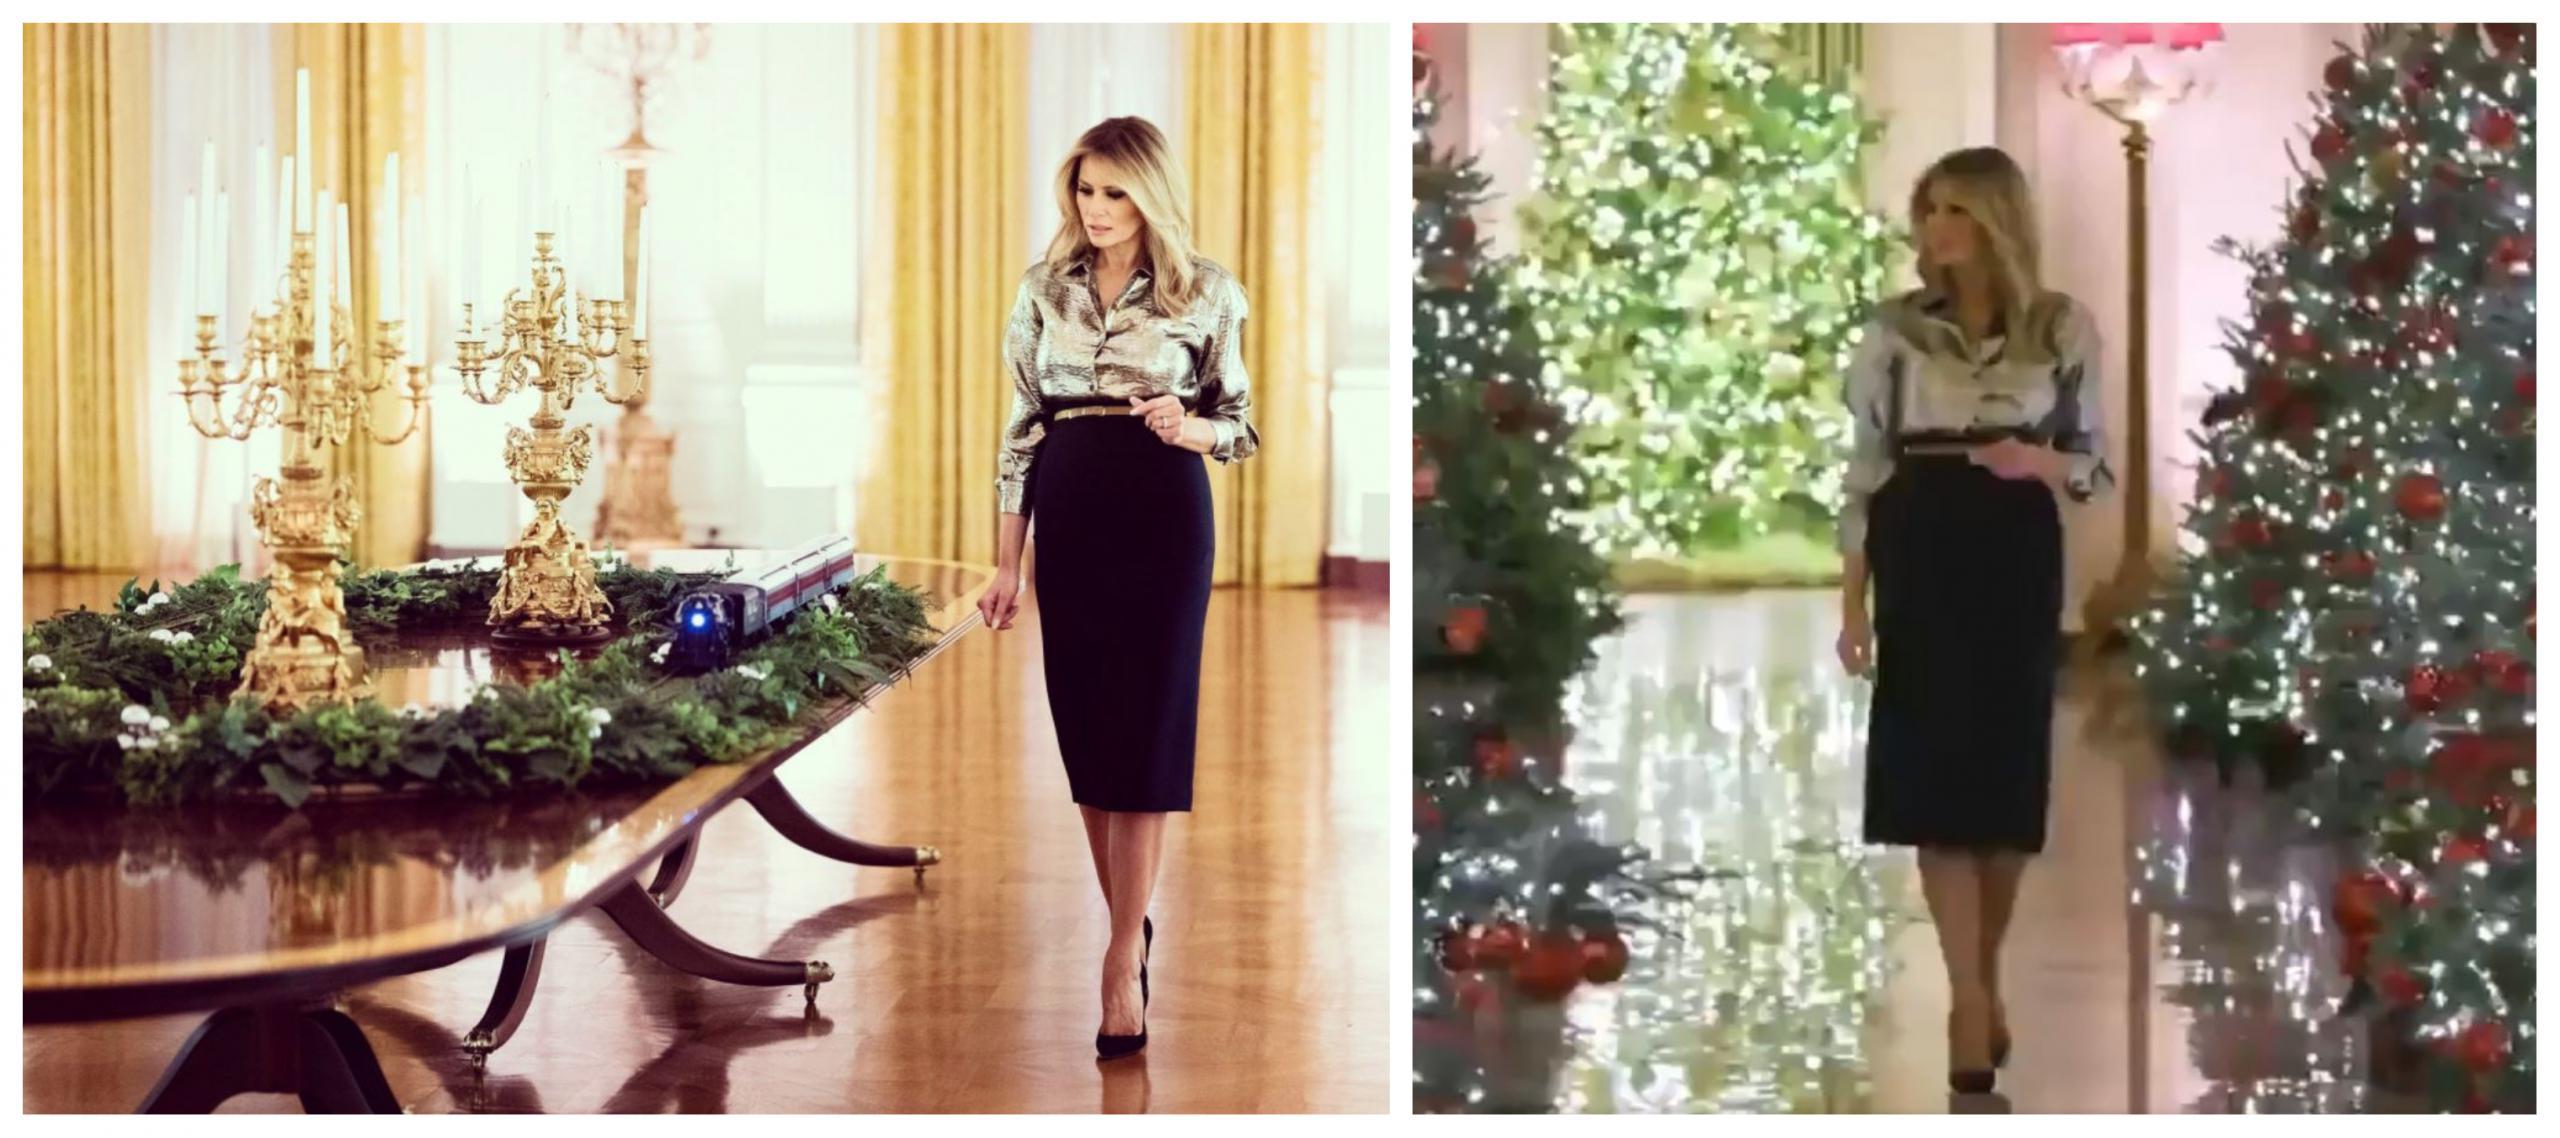 Melania je v enem od pogovorov svoji svetovalki zaupala, da sovraži okraševati Belo hišo za Božič. Vir: Twitter